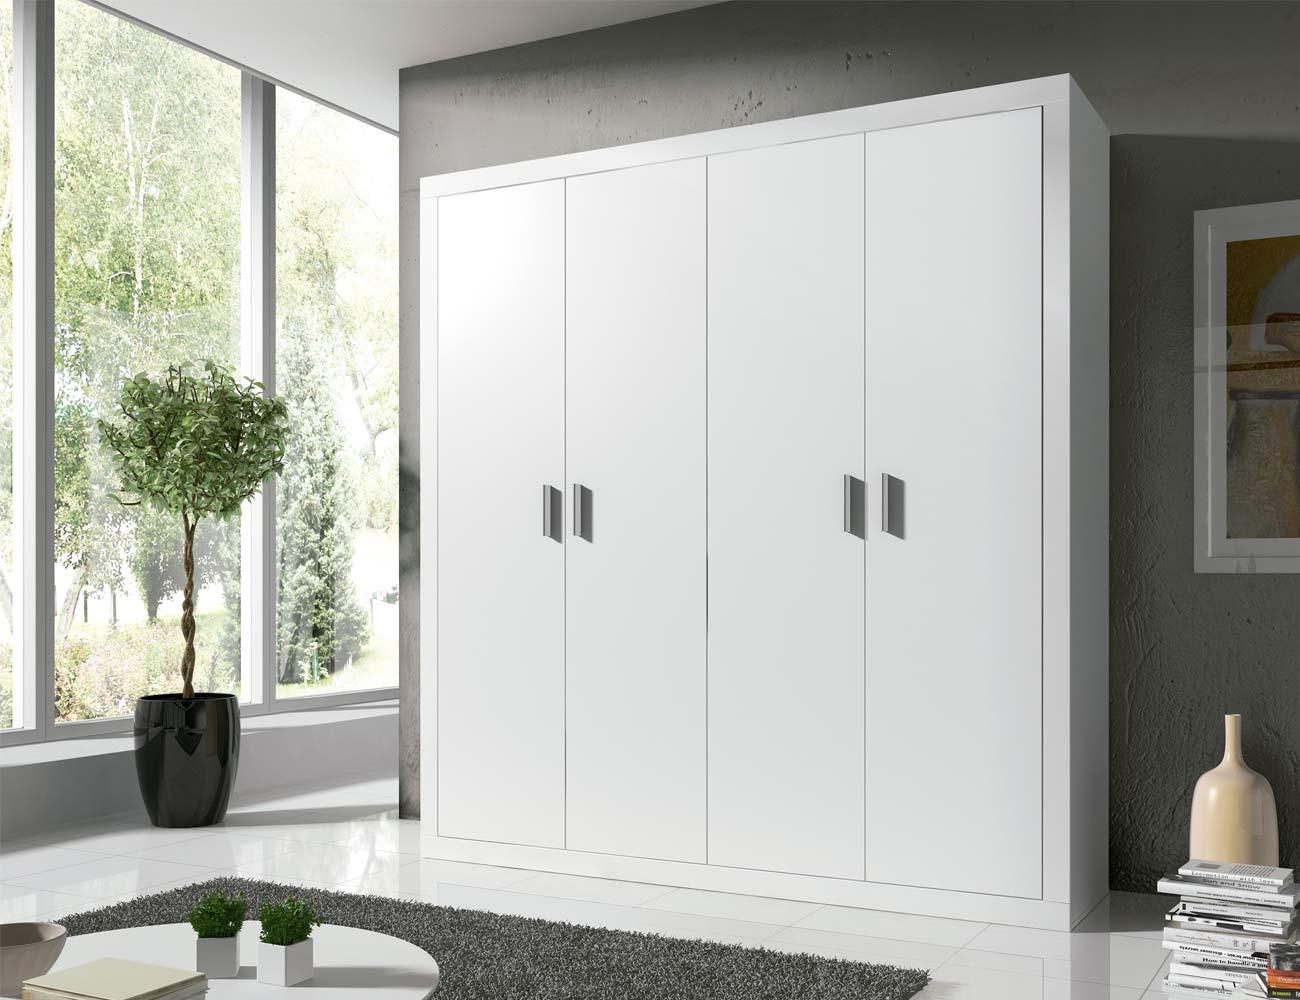 Armario puertas abatibles blanco3